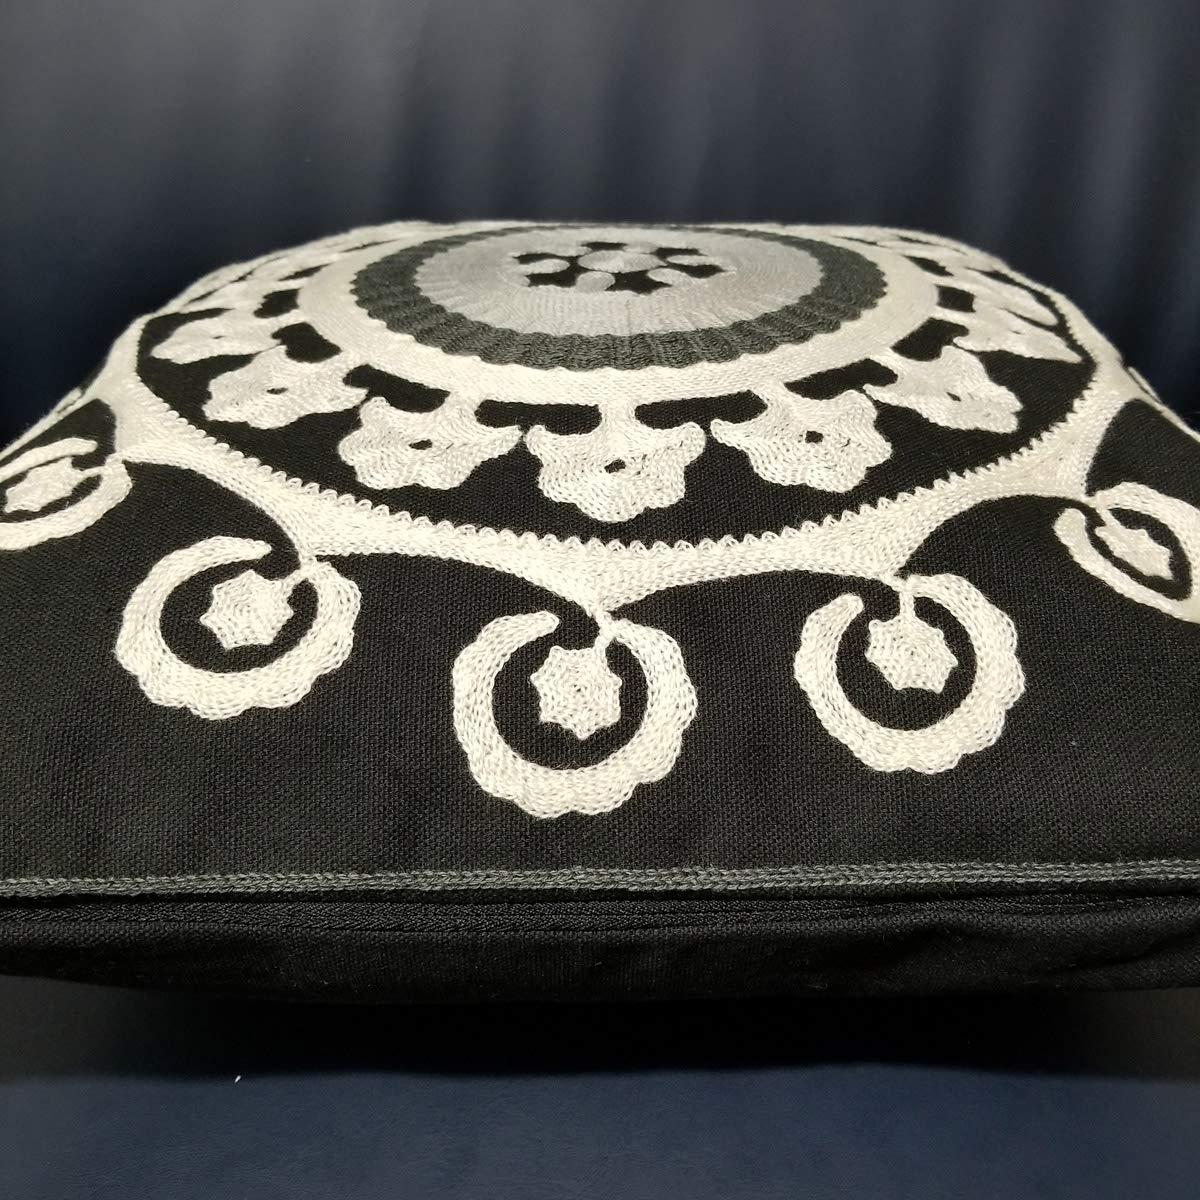 3dRose Monarch Dragon Fantasy Art pc/_167471/_1 Pillow Case 16 by 16-inch